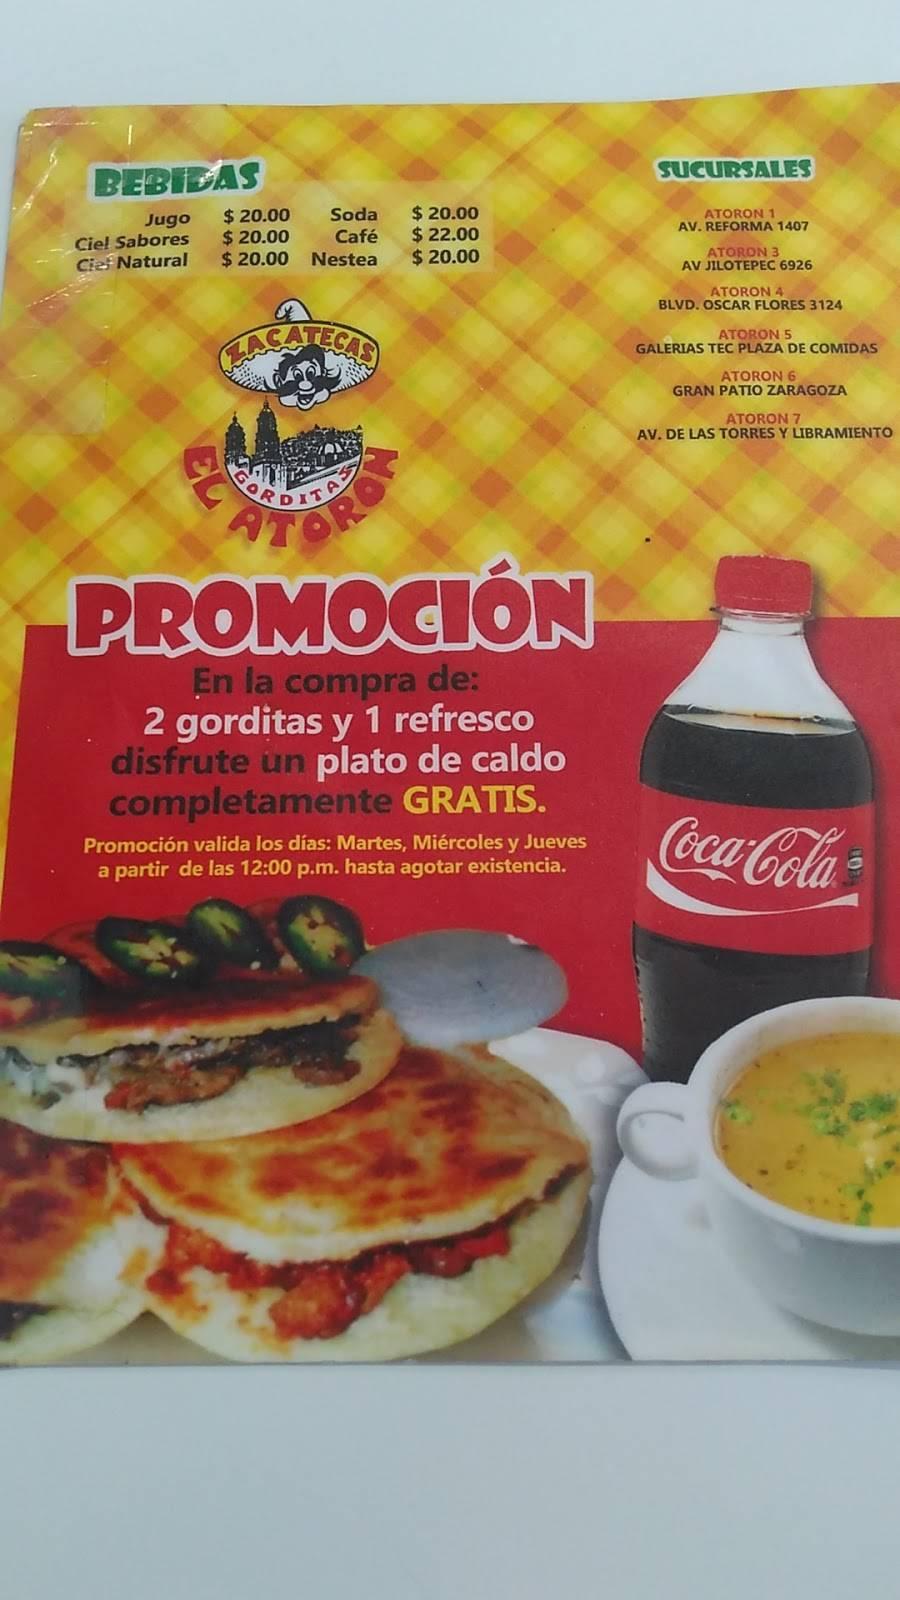 Gorditas El Atoron - restaurant  | Photo 4 of 10 | Address: Calle Niños Héroes, Av Reforma 1407, El Barreal, 32040 Cd Juárez, Chih., Mexico | Phone: 656 375 0476